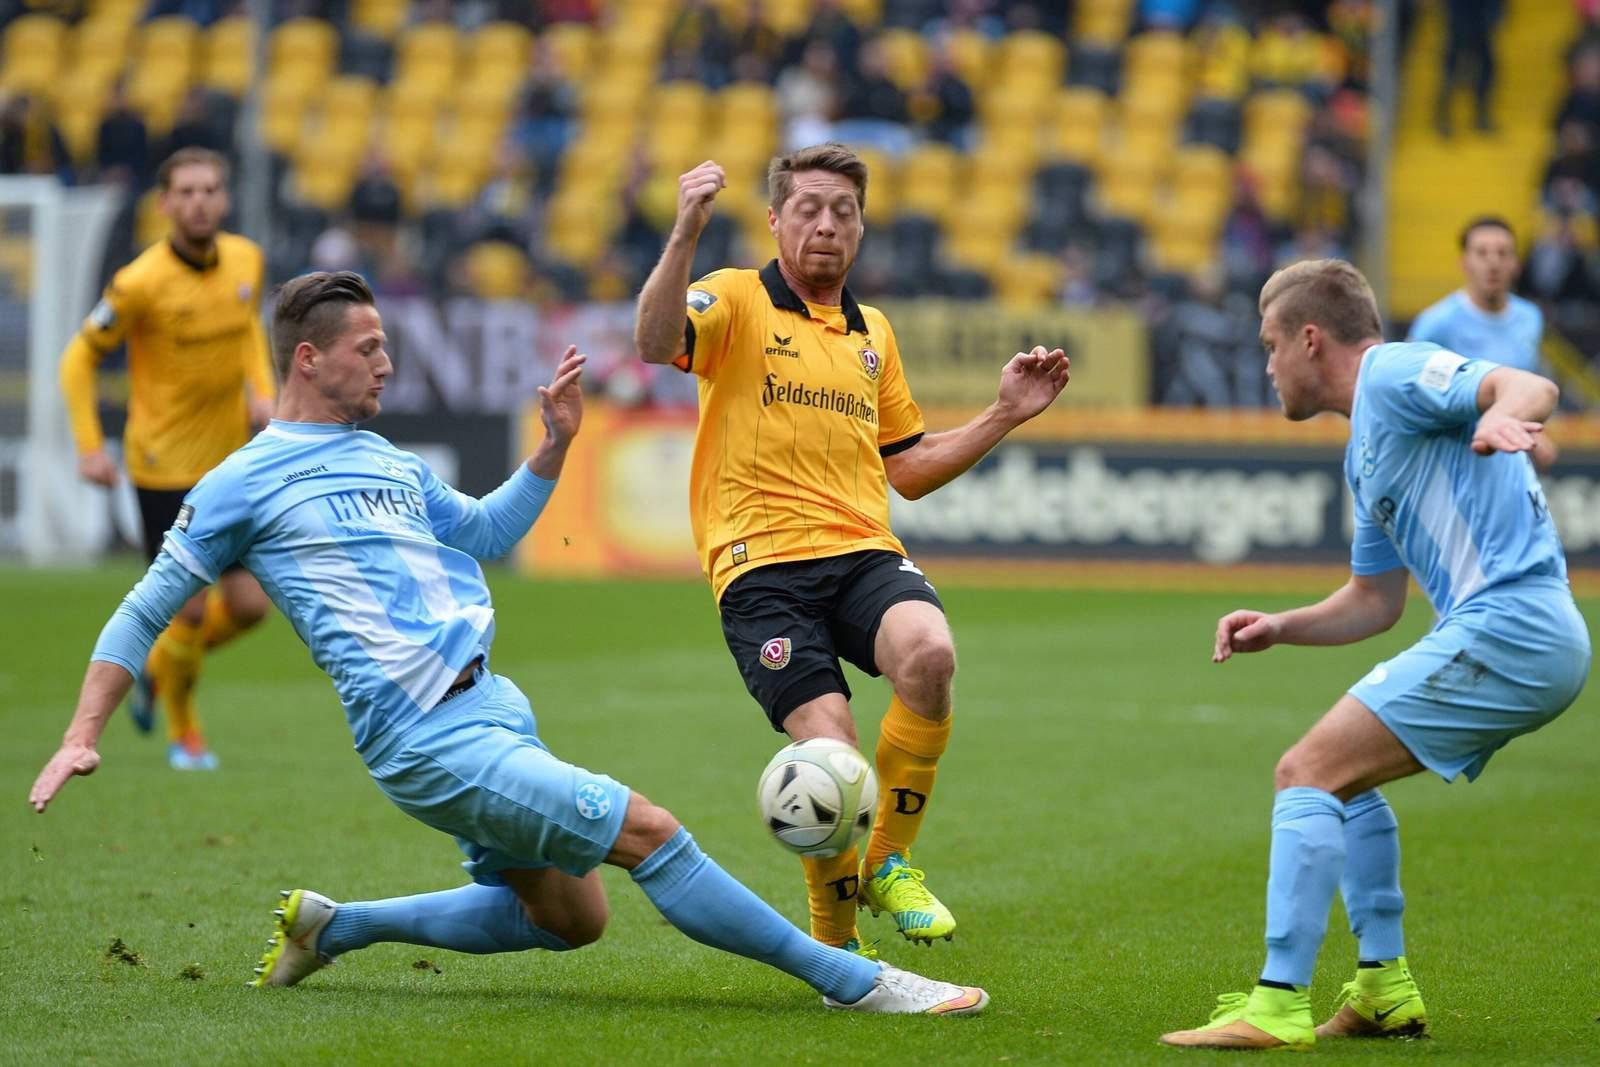 Setzt sich Lambertz wieder durch? Jetzt auf Dynamo Dresden gegen Red Bull Leipzig wetten